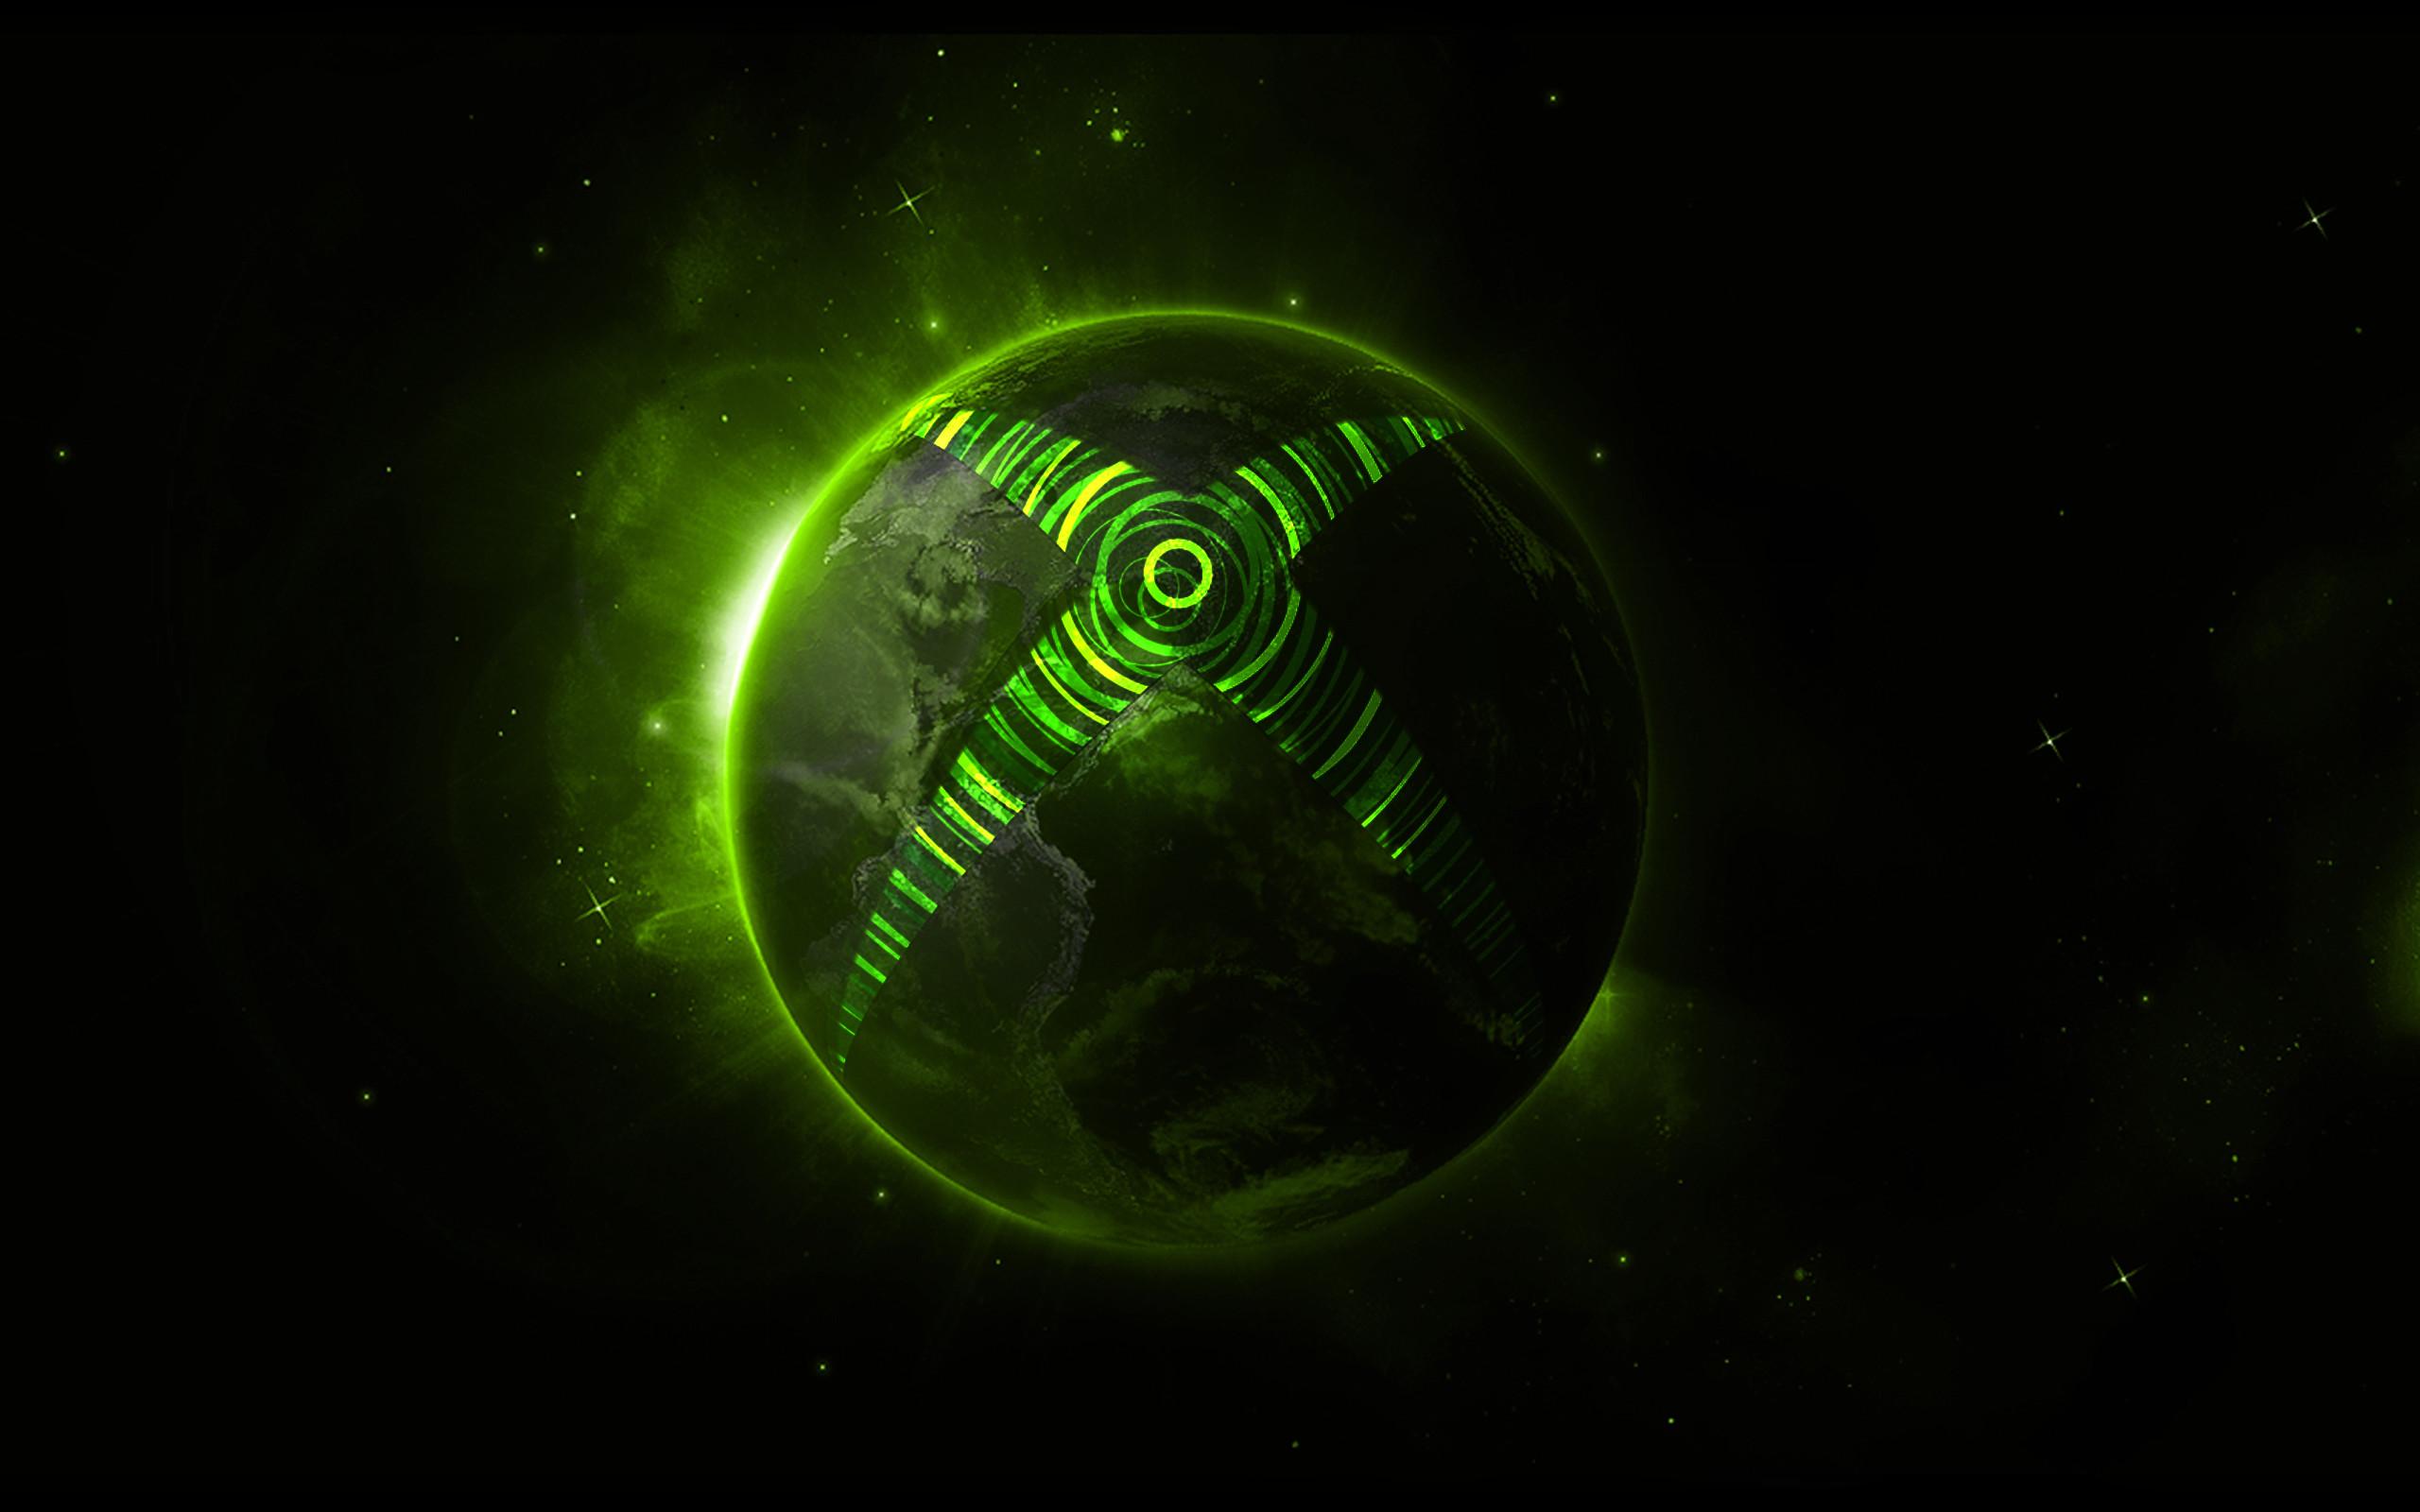 Fonds d'écran Xbox Live : tous les wallpapers Xbox Live